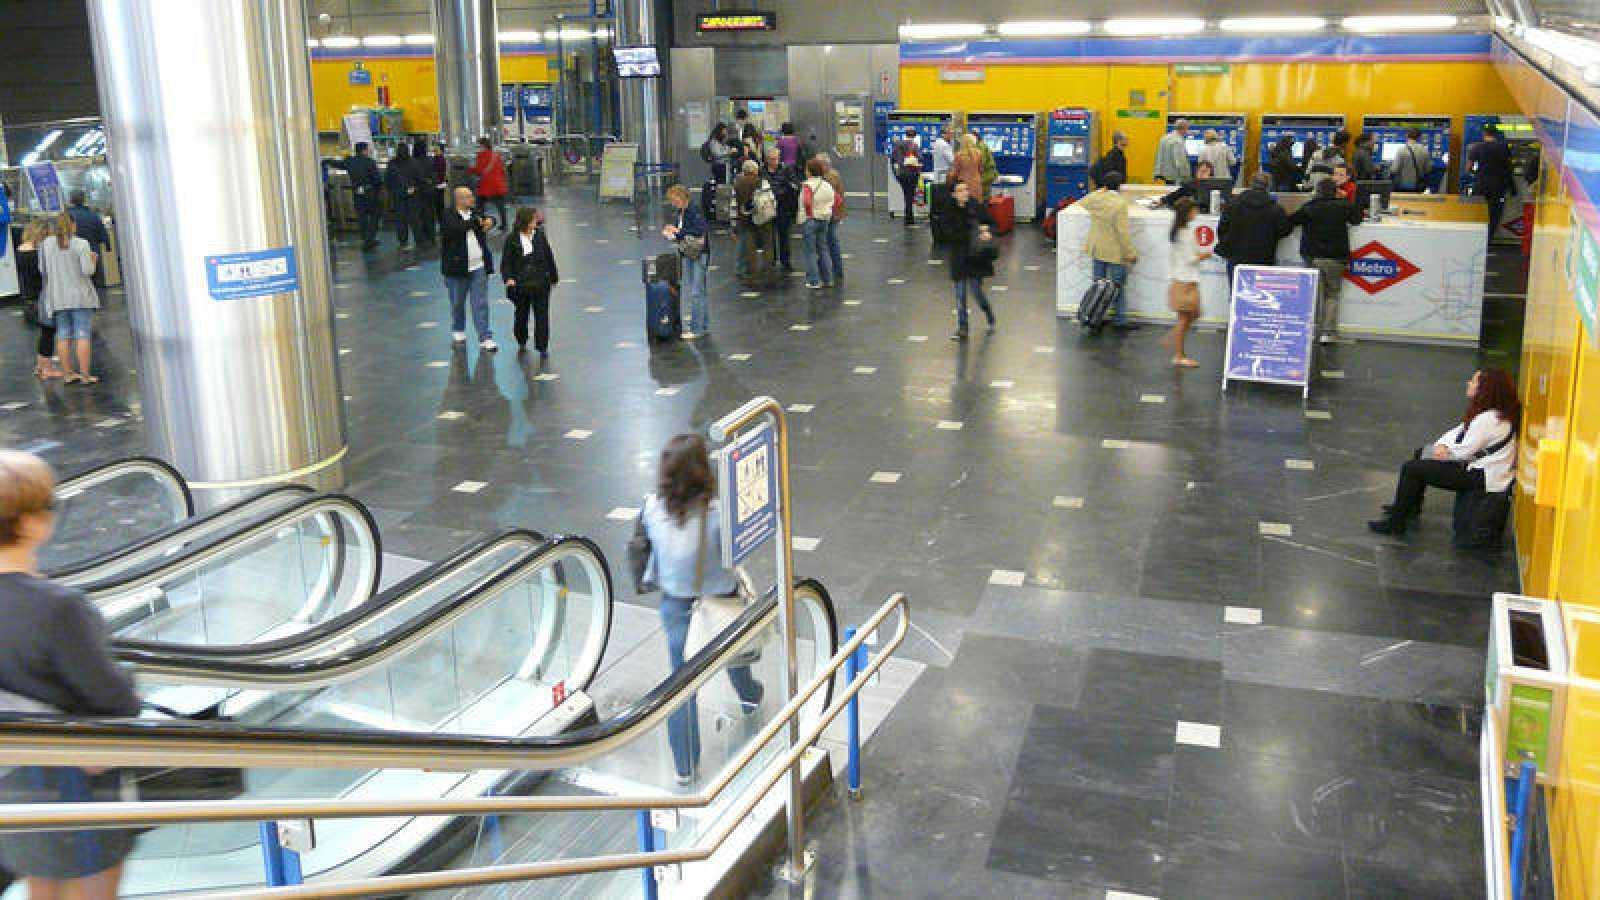 Vista de la estación Aeropuerto T1-T2-T3 de la línea 8 de Metro de Madrid.